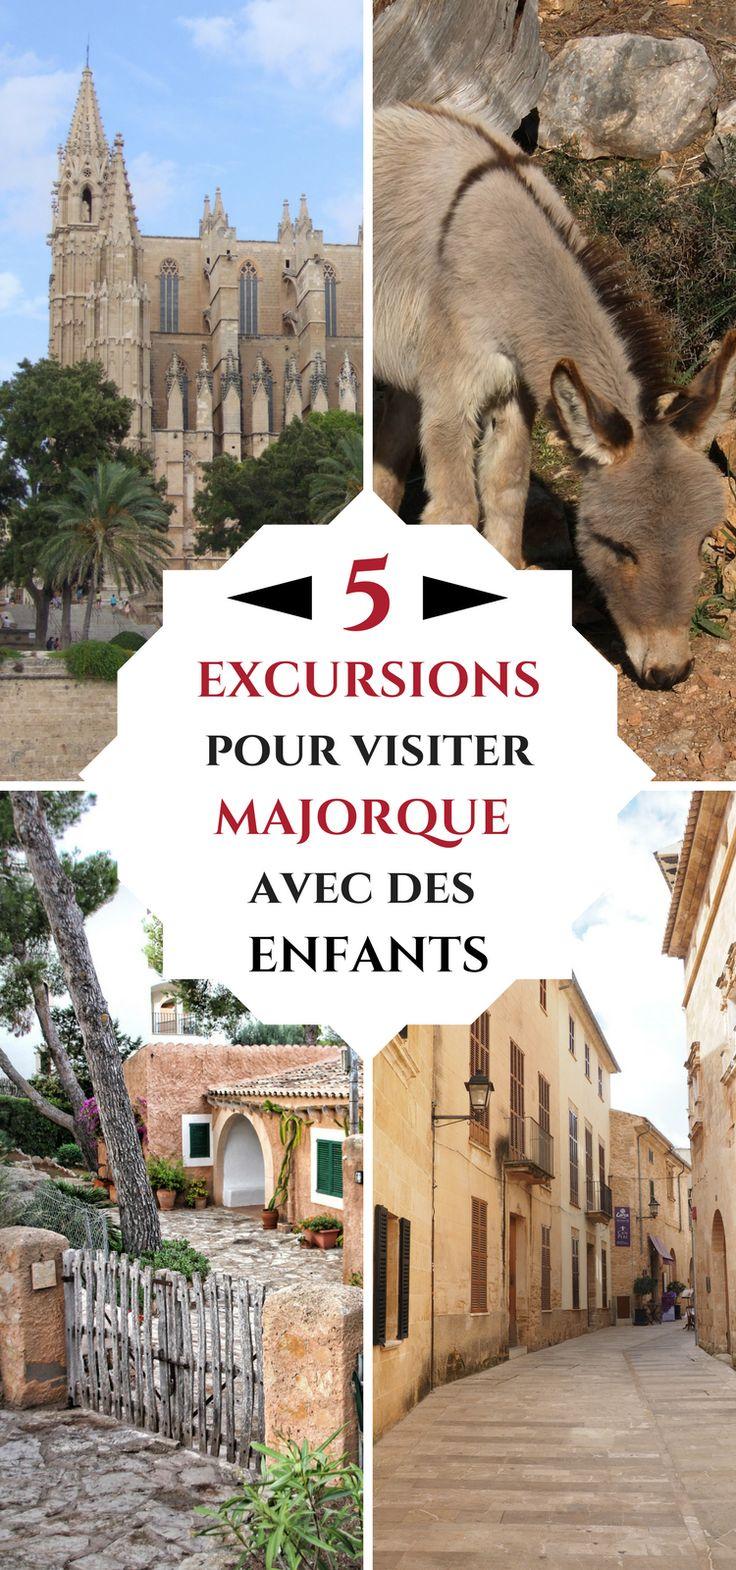 Que voir à Majorque qui pourrait plaire à vos enfants ? Nous vous conseillons 5 lieux qui plairont à toute votre petite famille ! #Espagne #Majorque #Voyage #Famille